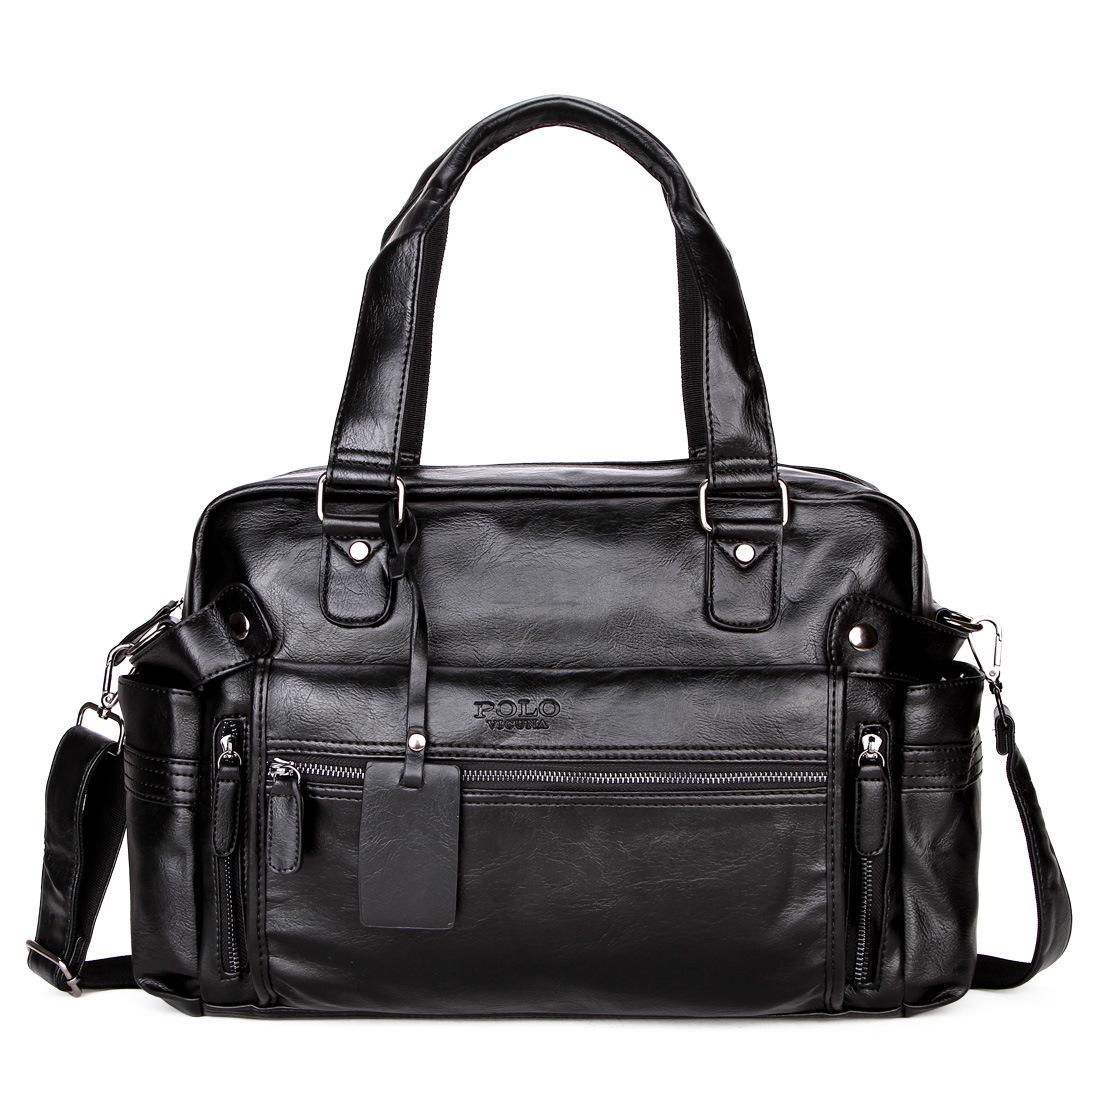 年轻人手提皮包休闲男士手提旅行包行李包行李袋男包大容量多隔层